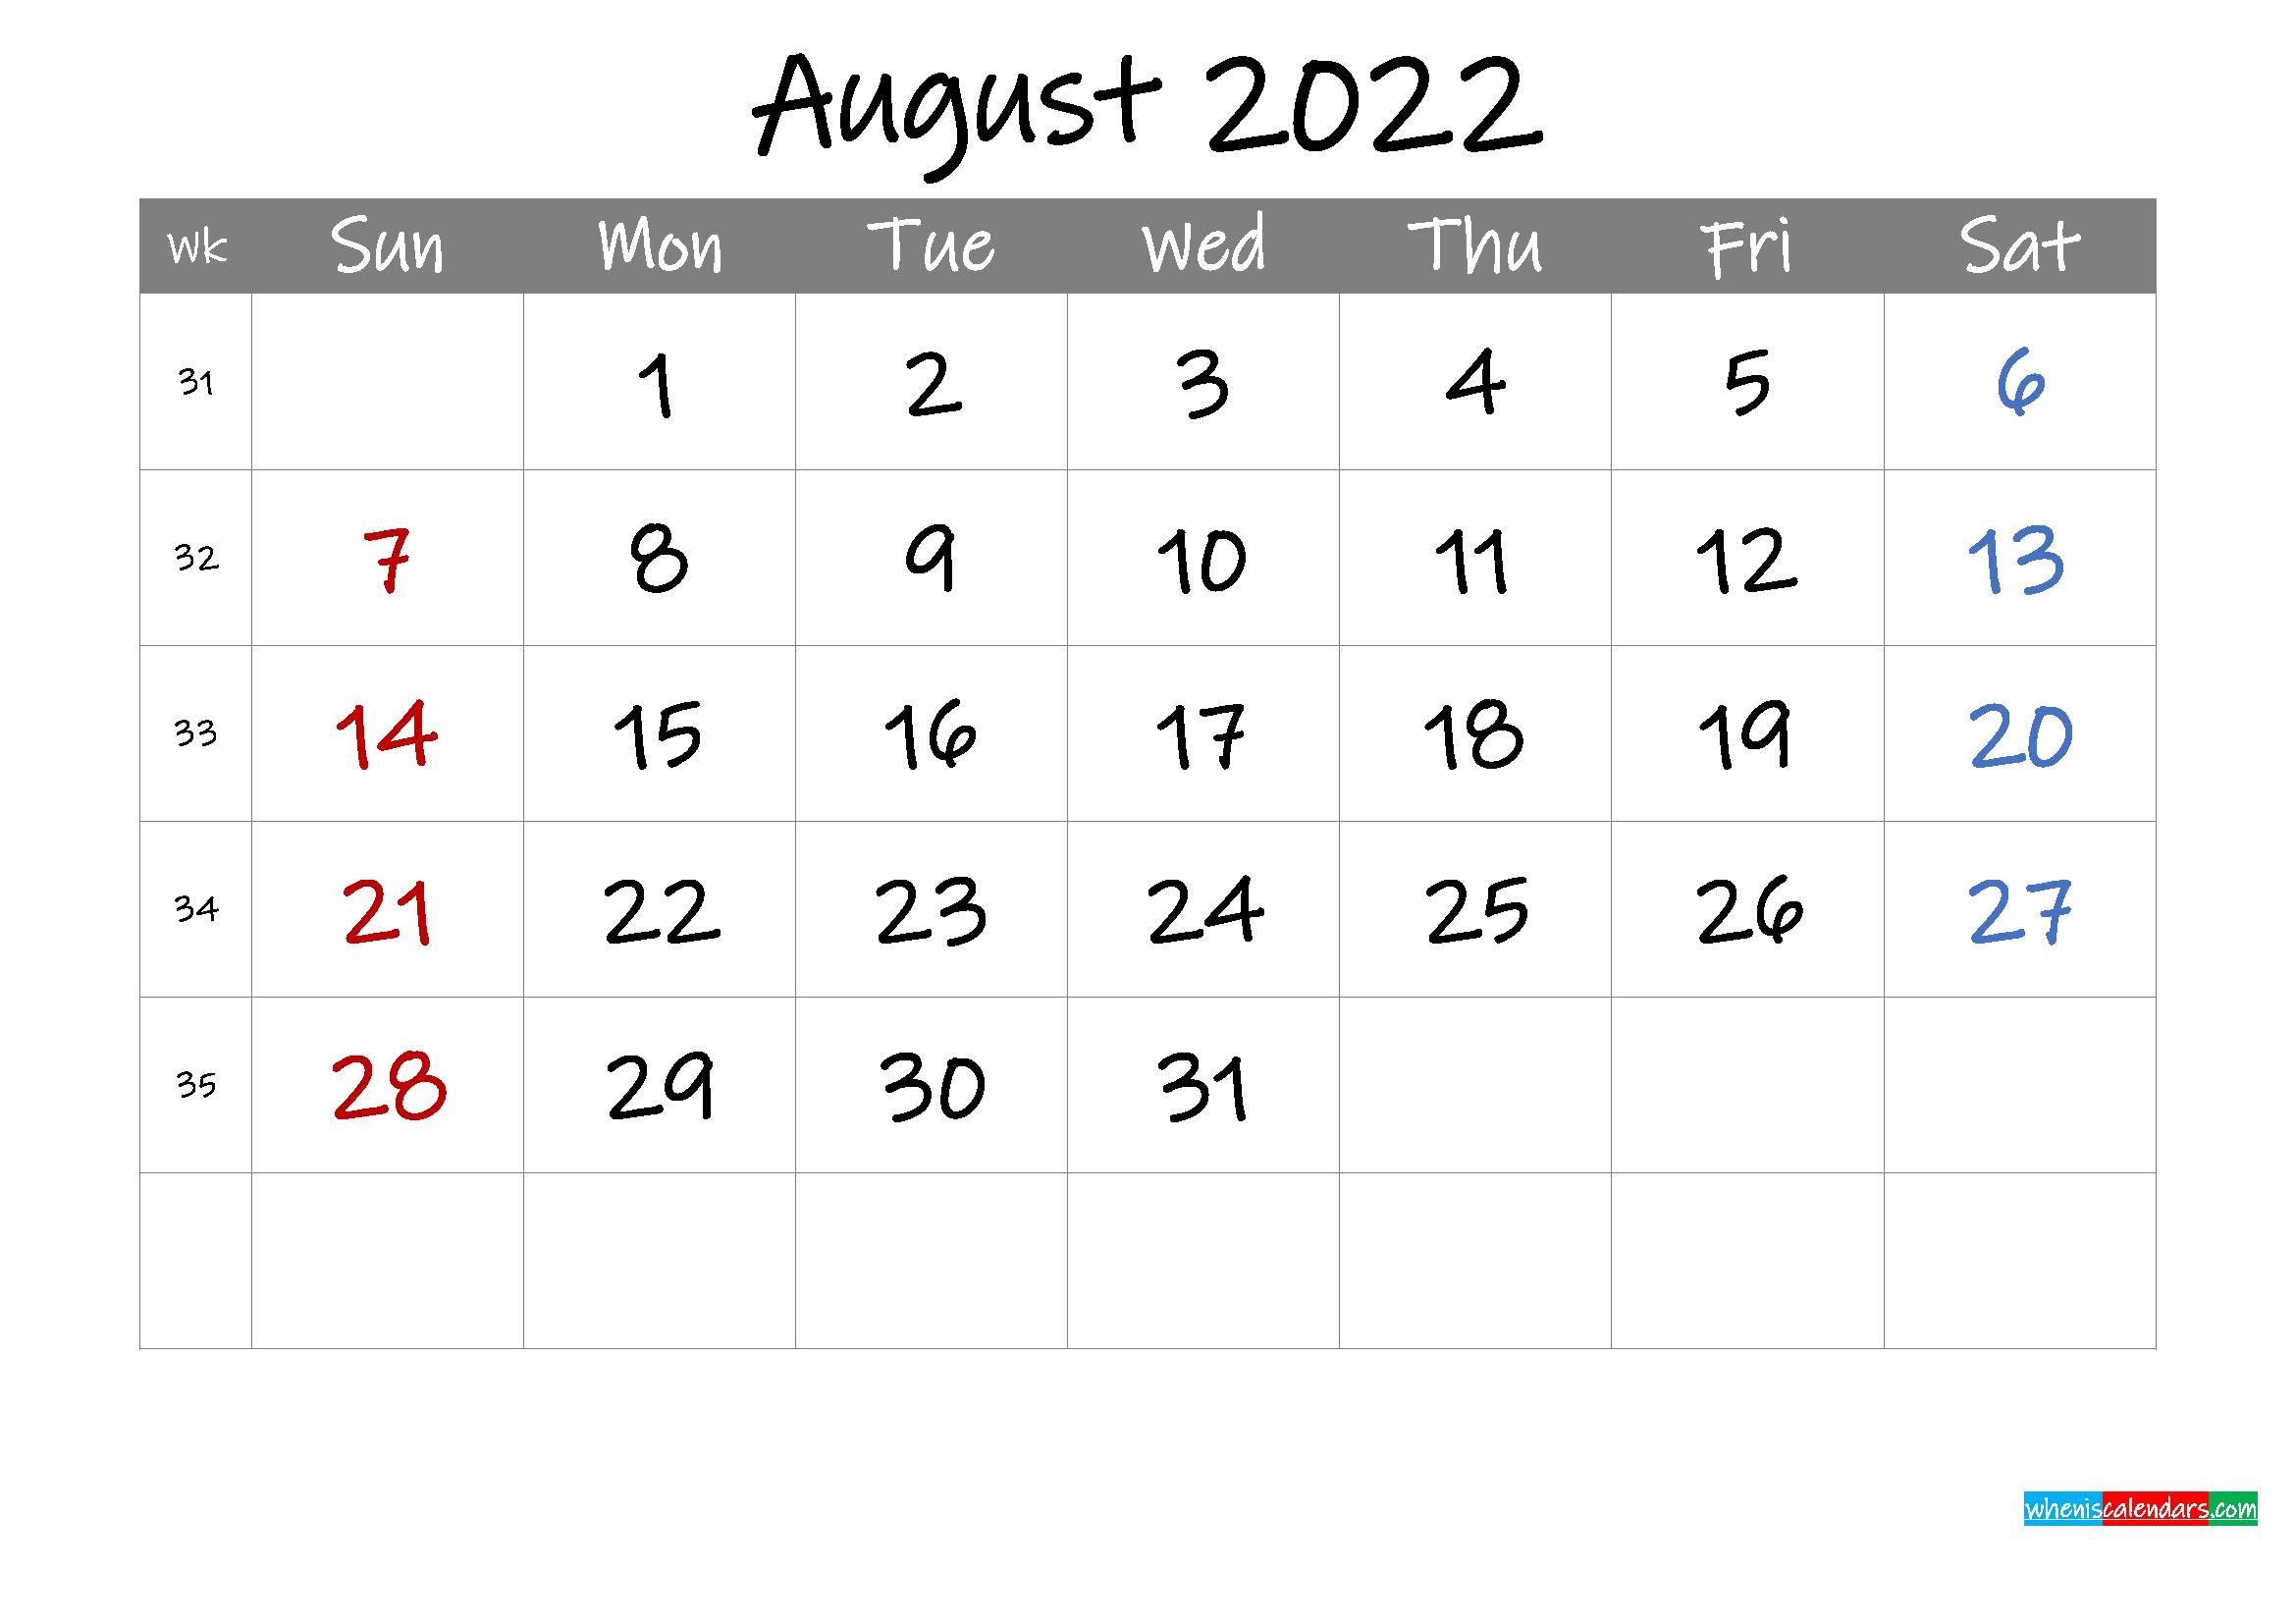 Editable August 2022 Calendar with Holidays